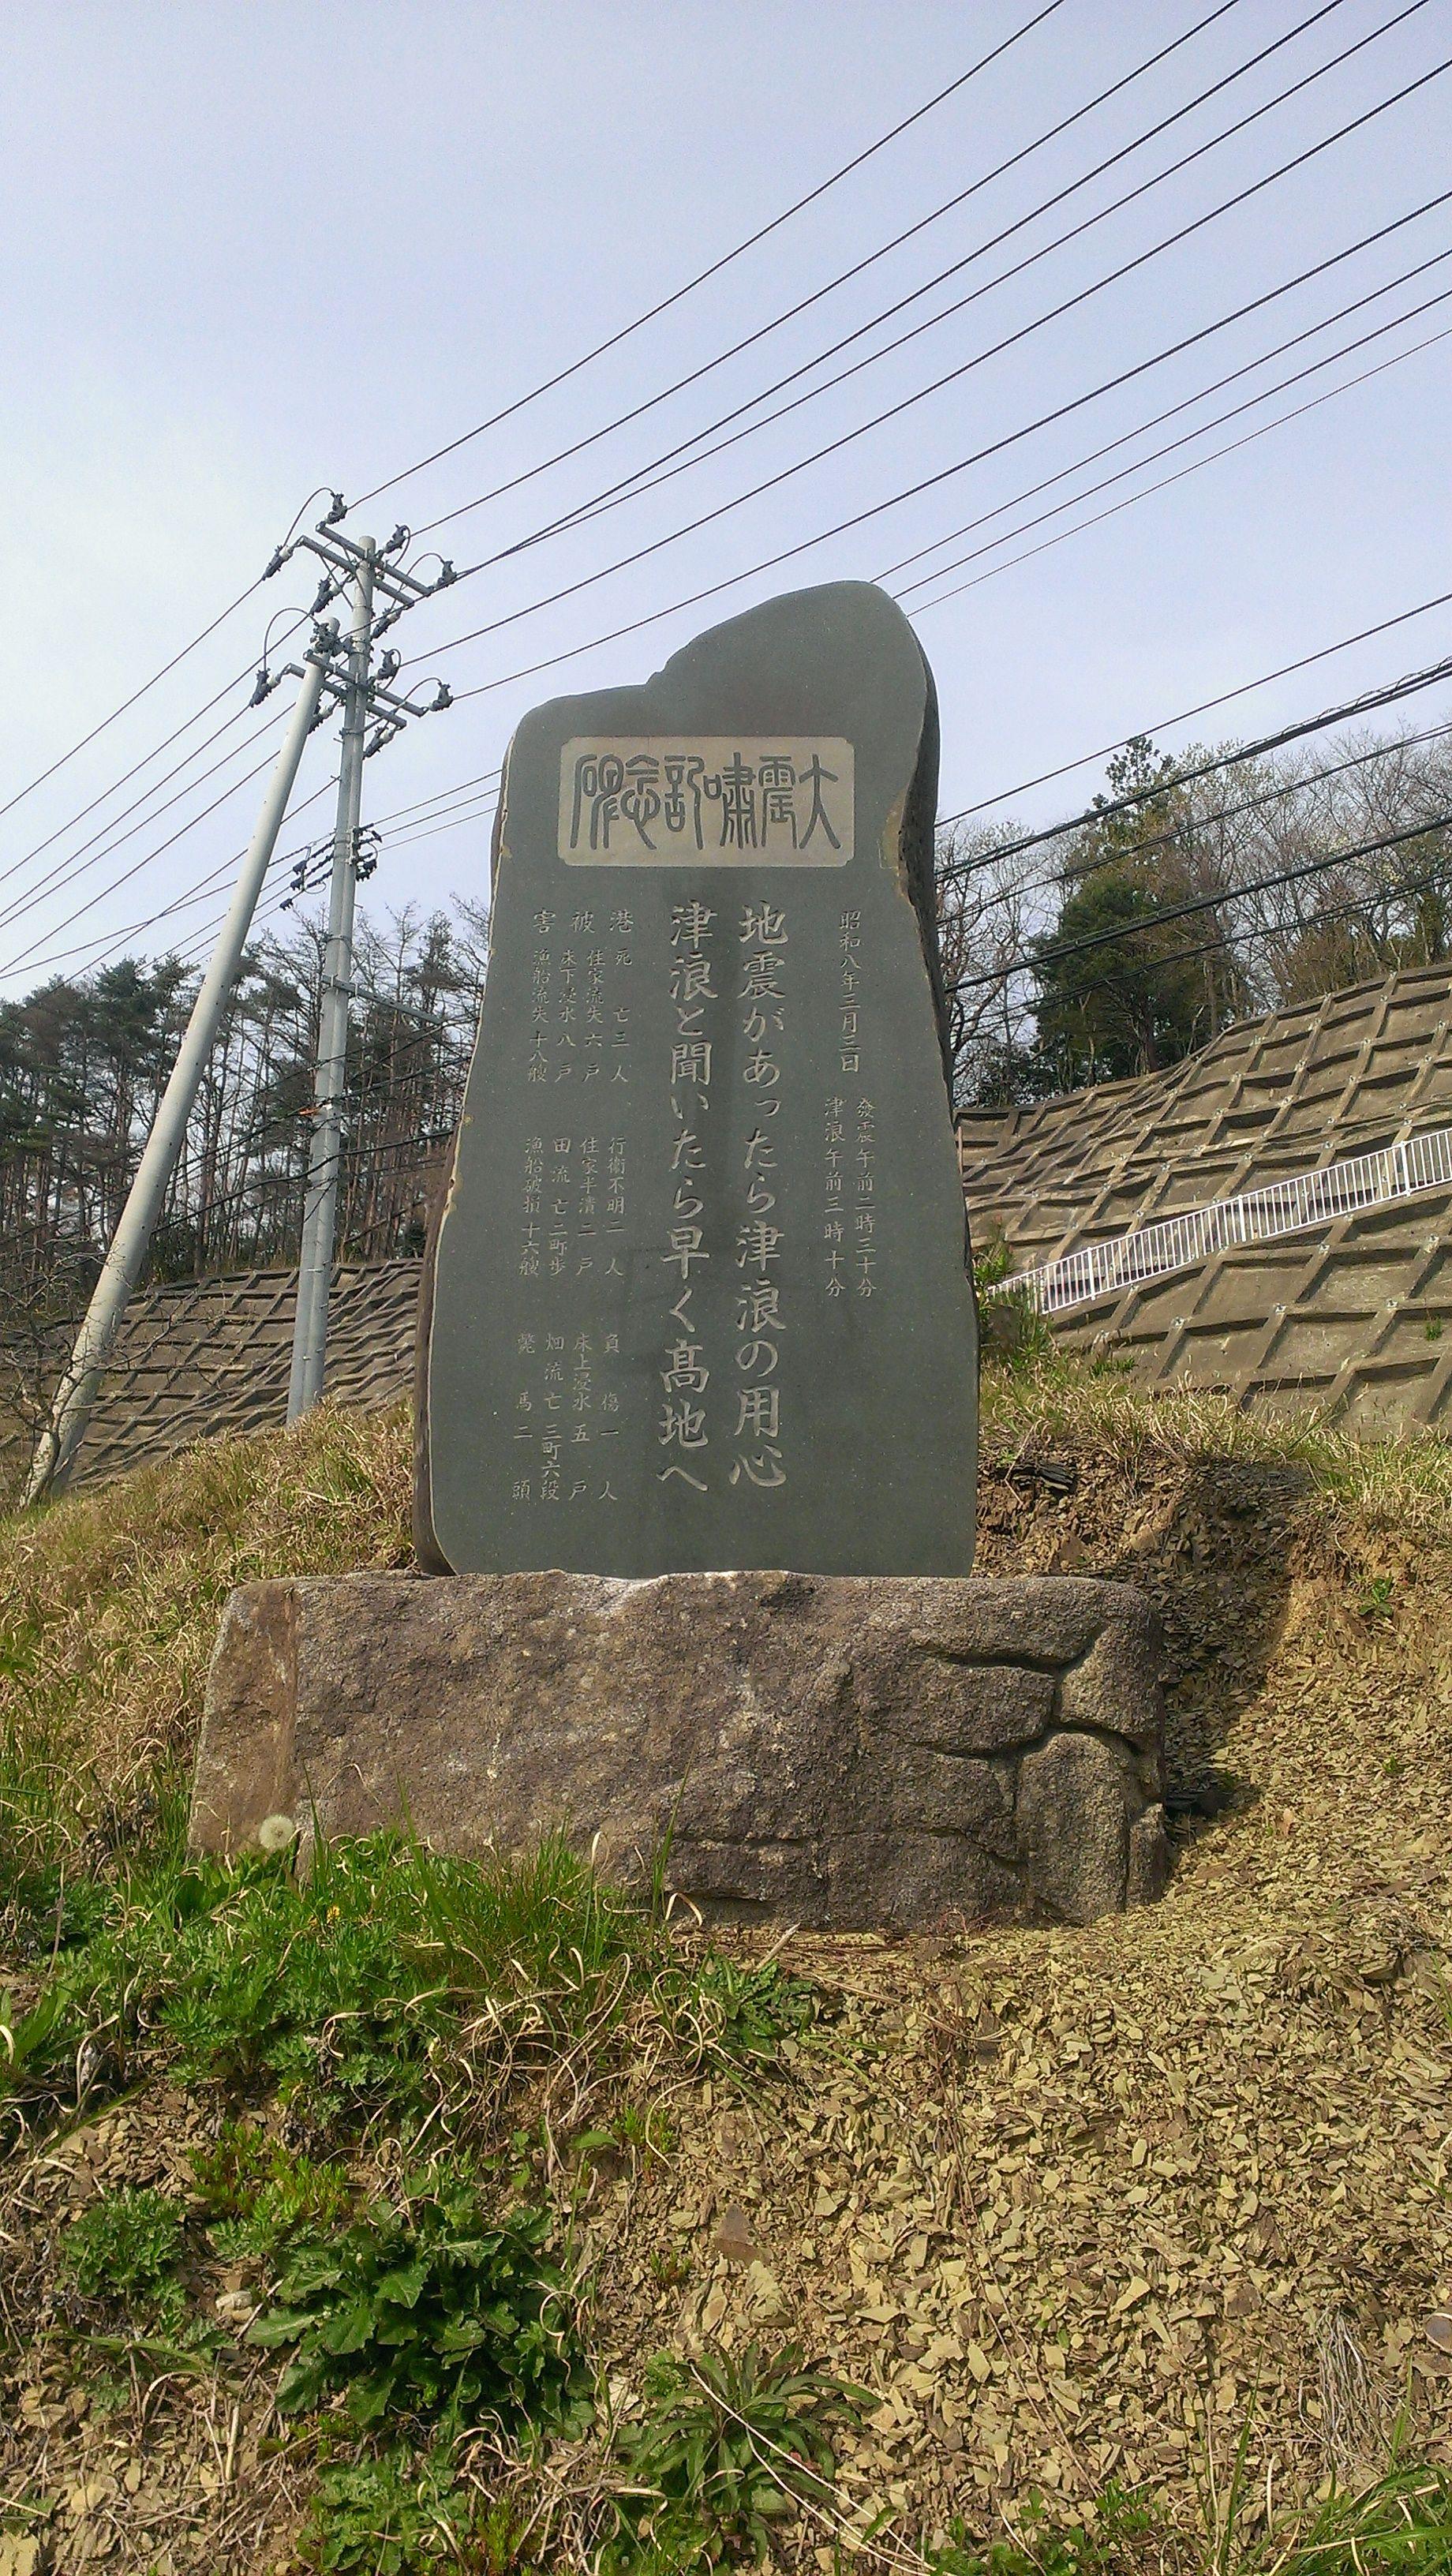 陸前港駅北東「昭和大震嘯碑」(2016年4月20日撮影)